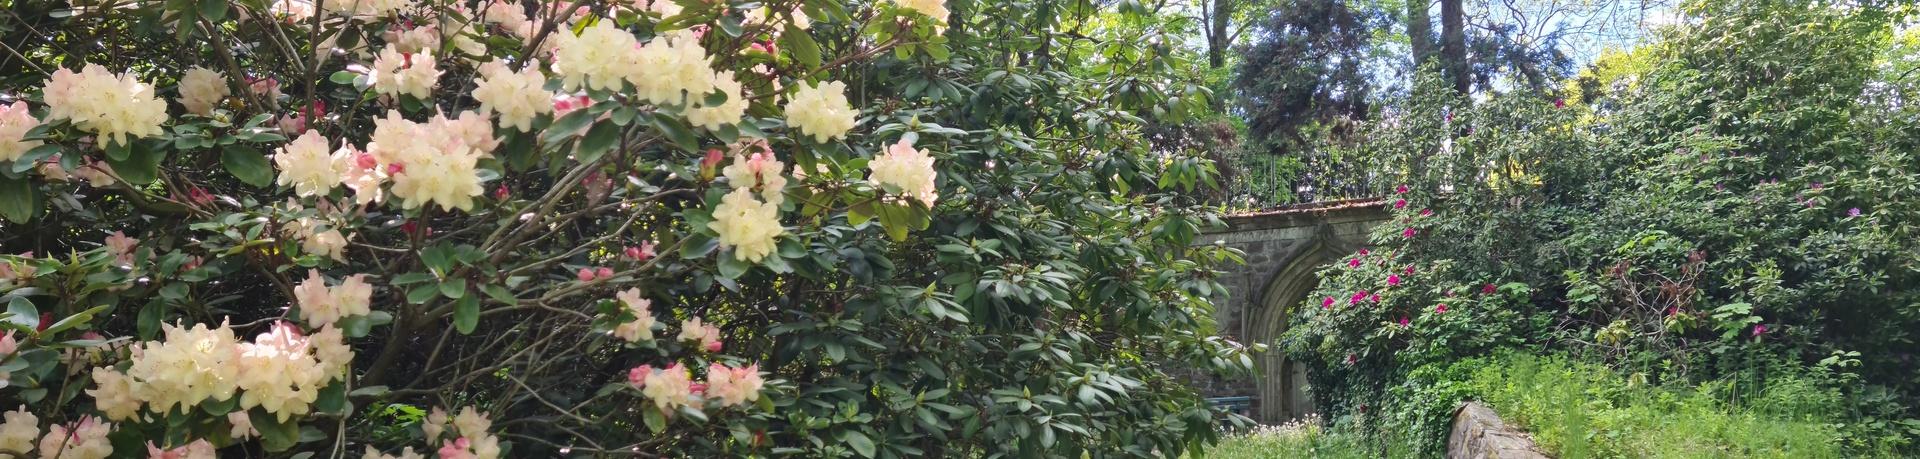 Park Gb Rhodedendron